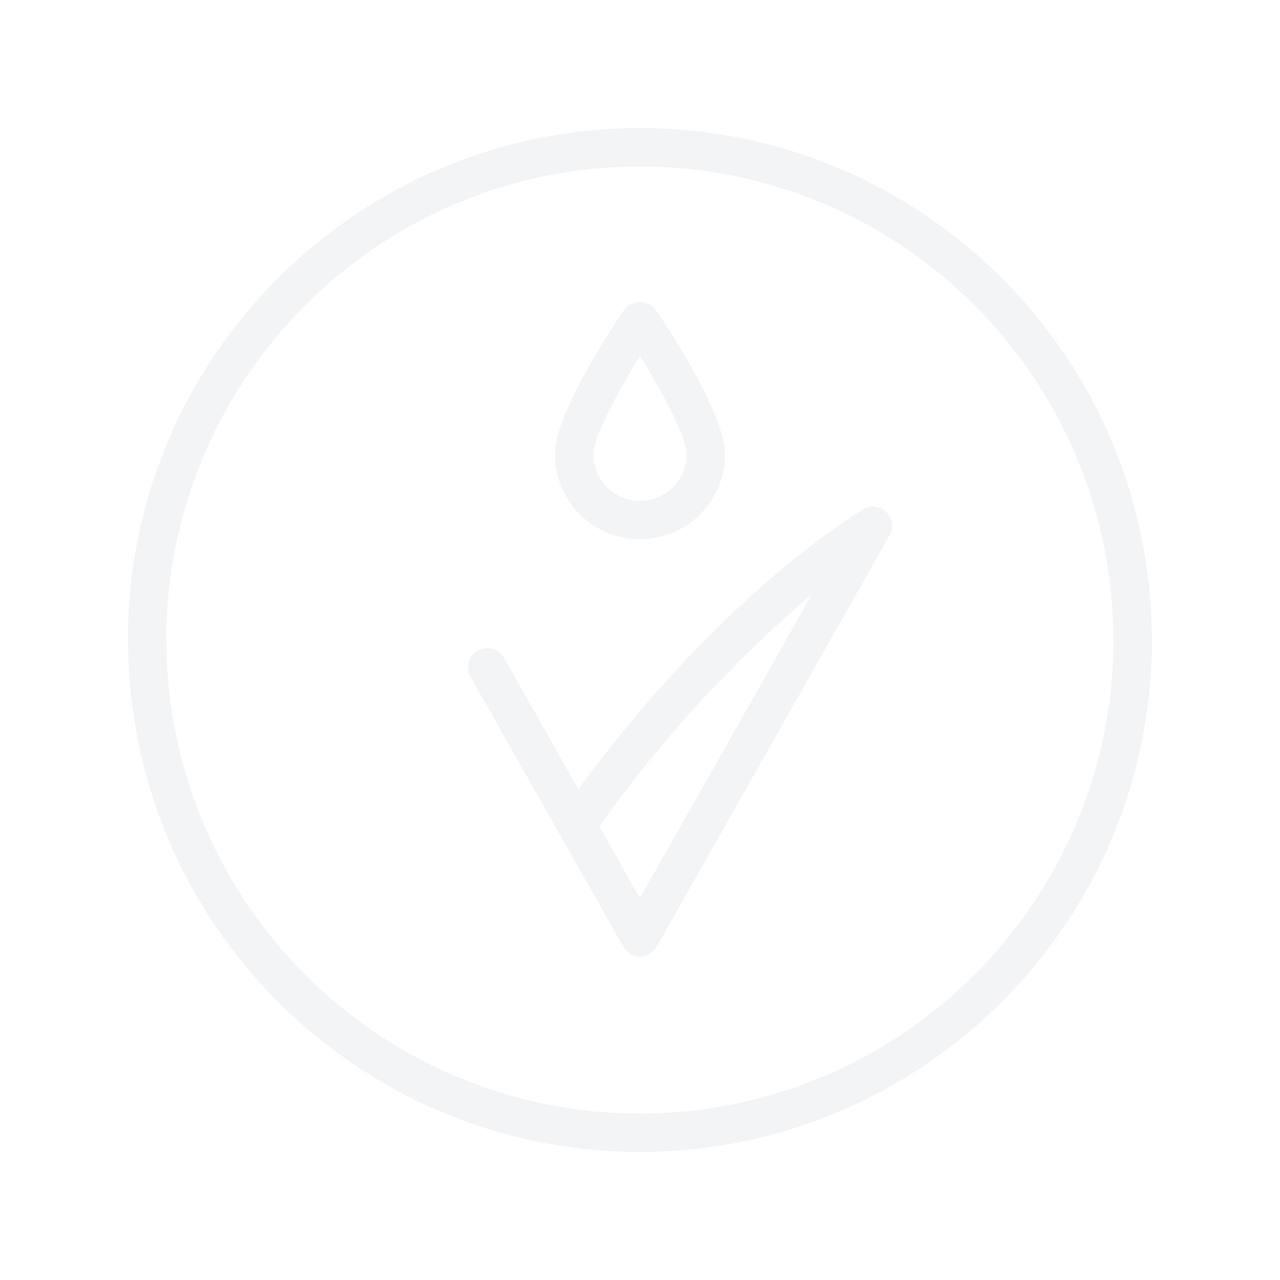 ELIZABETH ARDEN Superstart Boost Mask 4x18ml